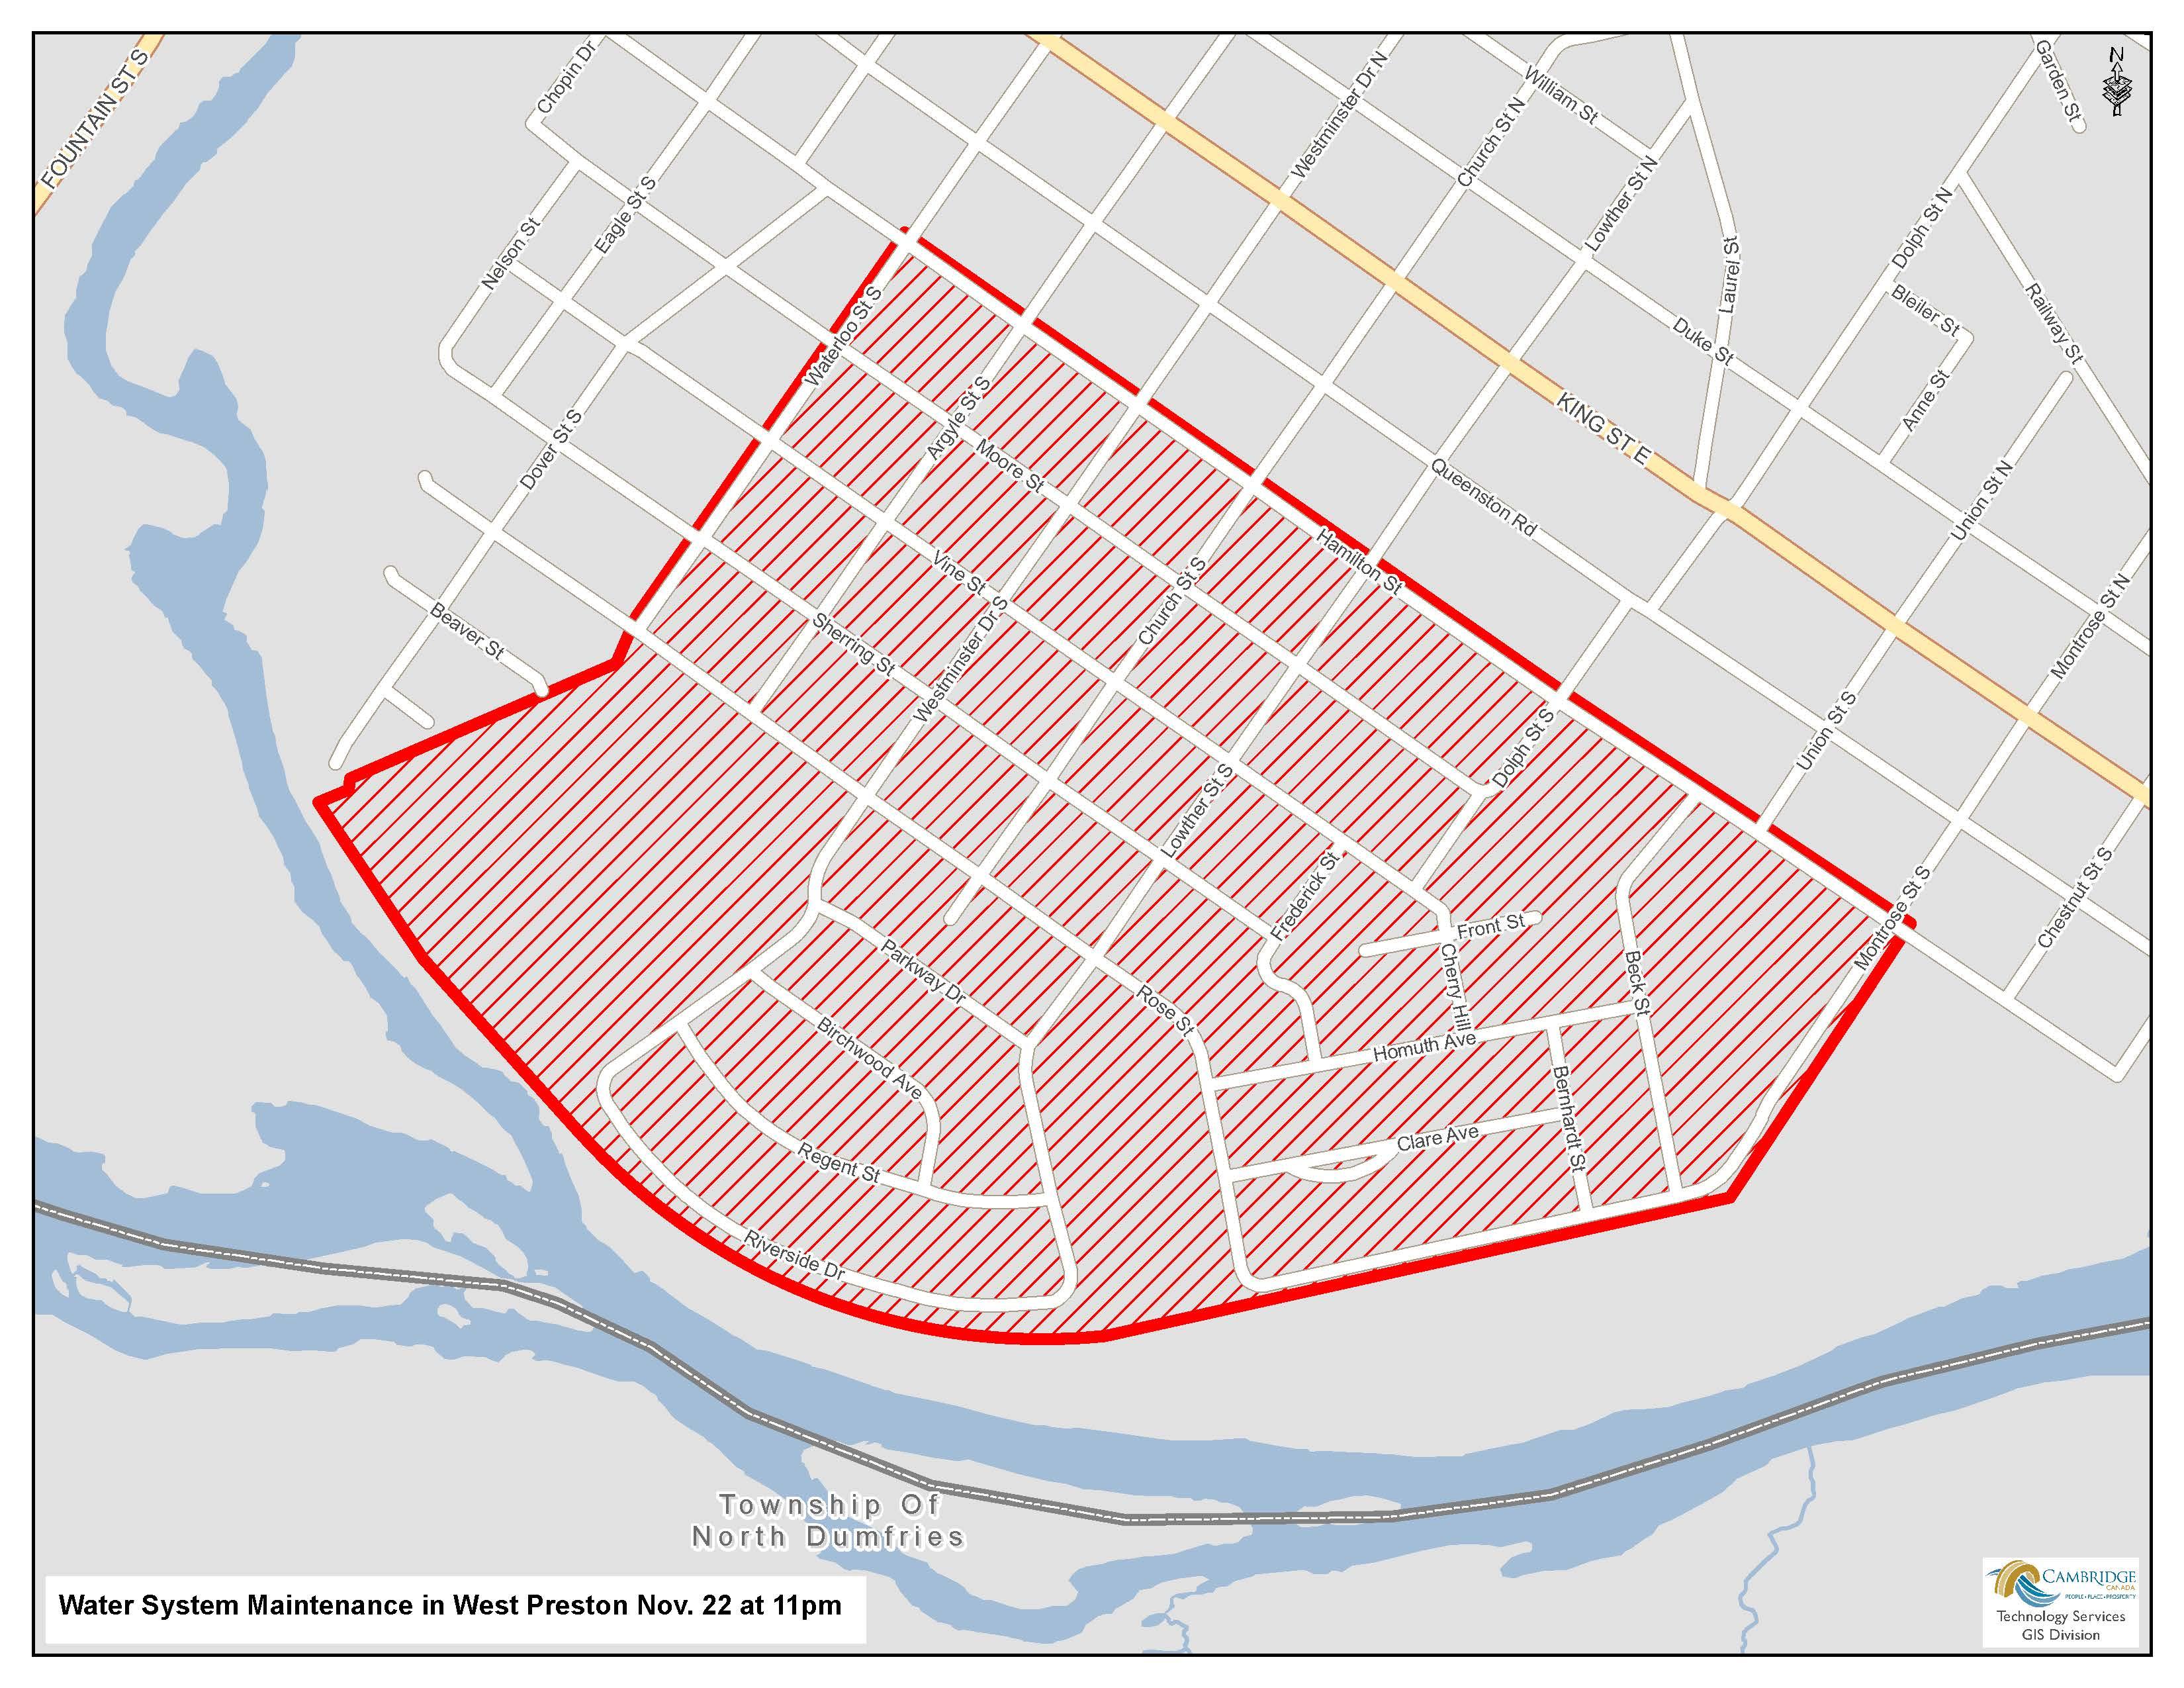 West Preston affected area